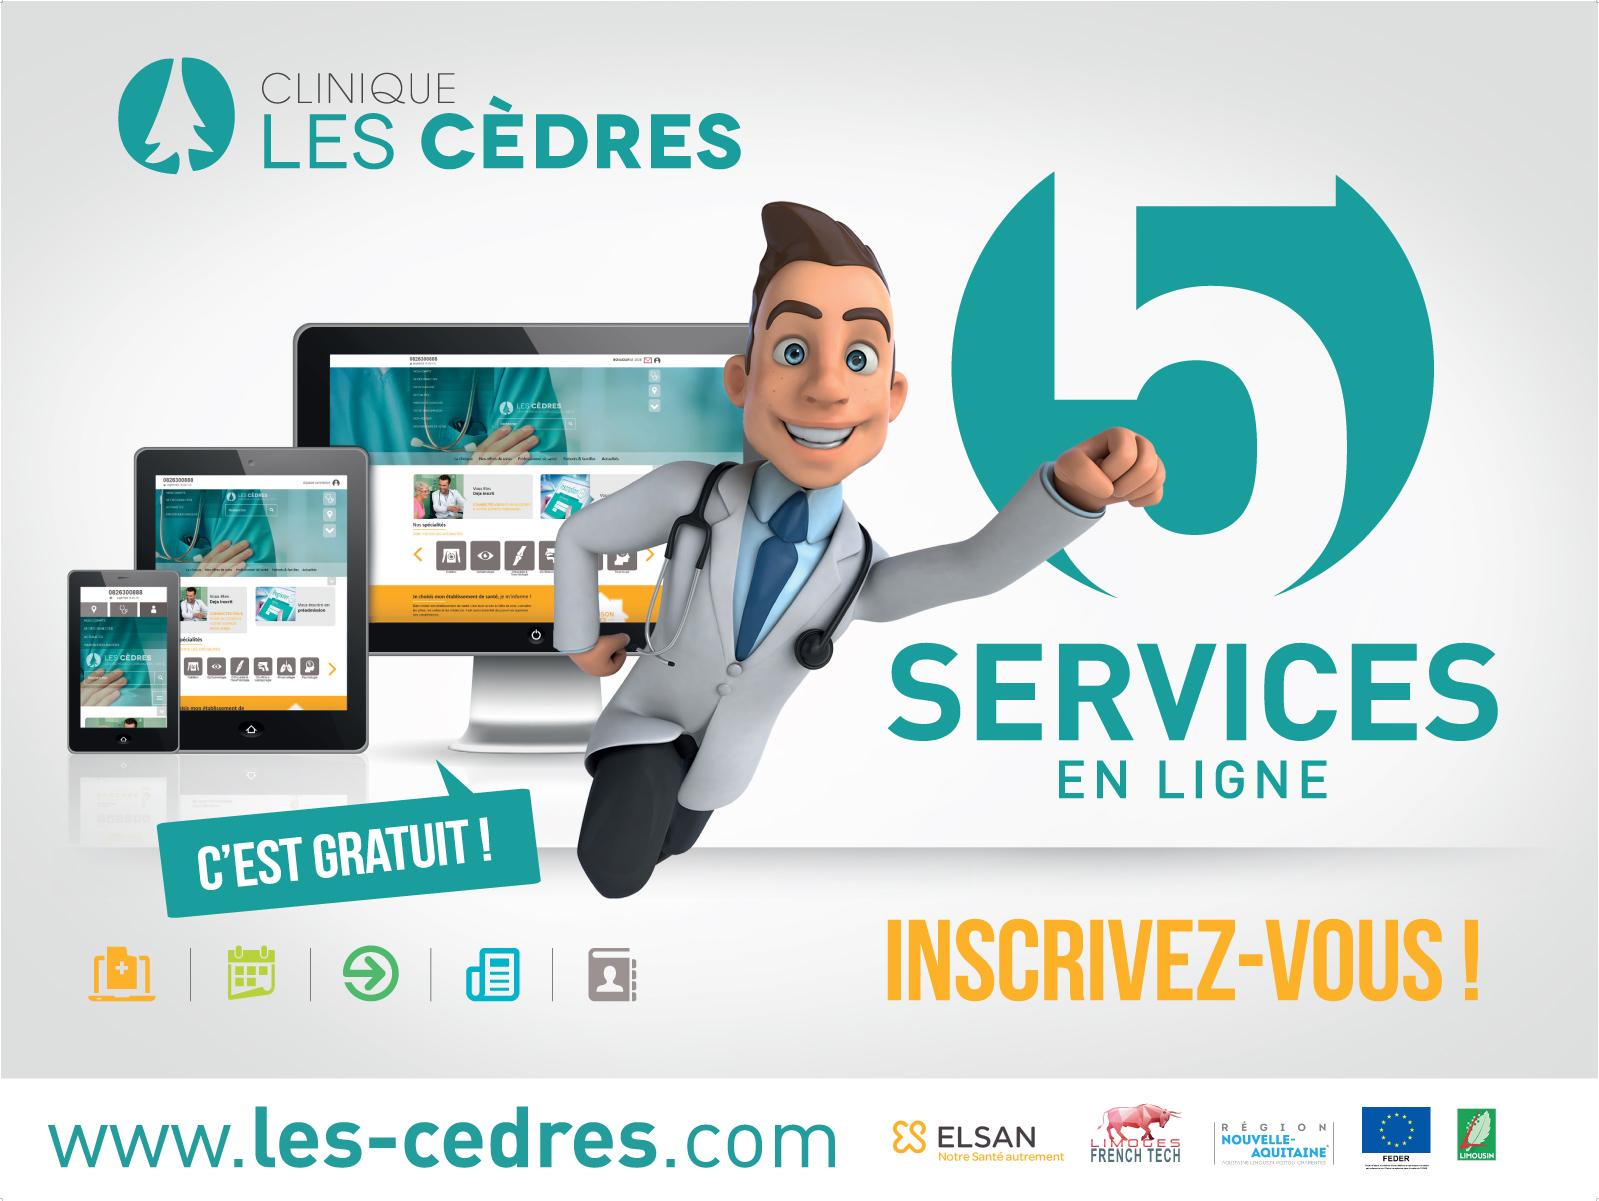 Réalisation Comevents - Clinique Les Cèdres - Affiche 4x3